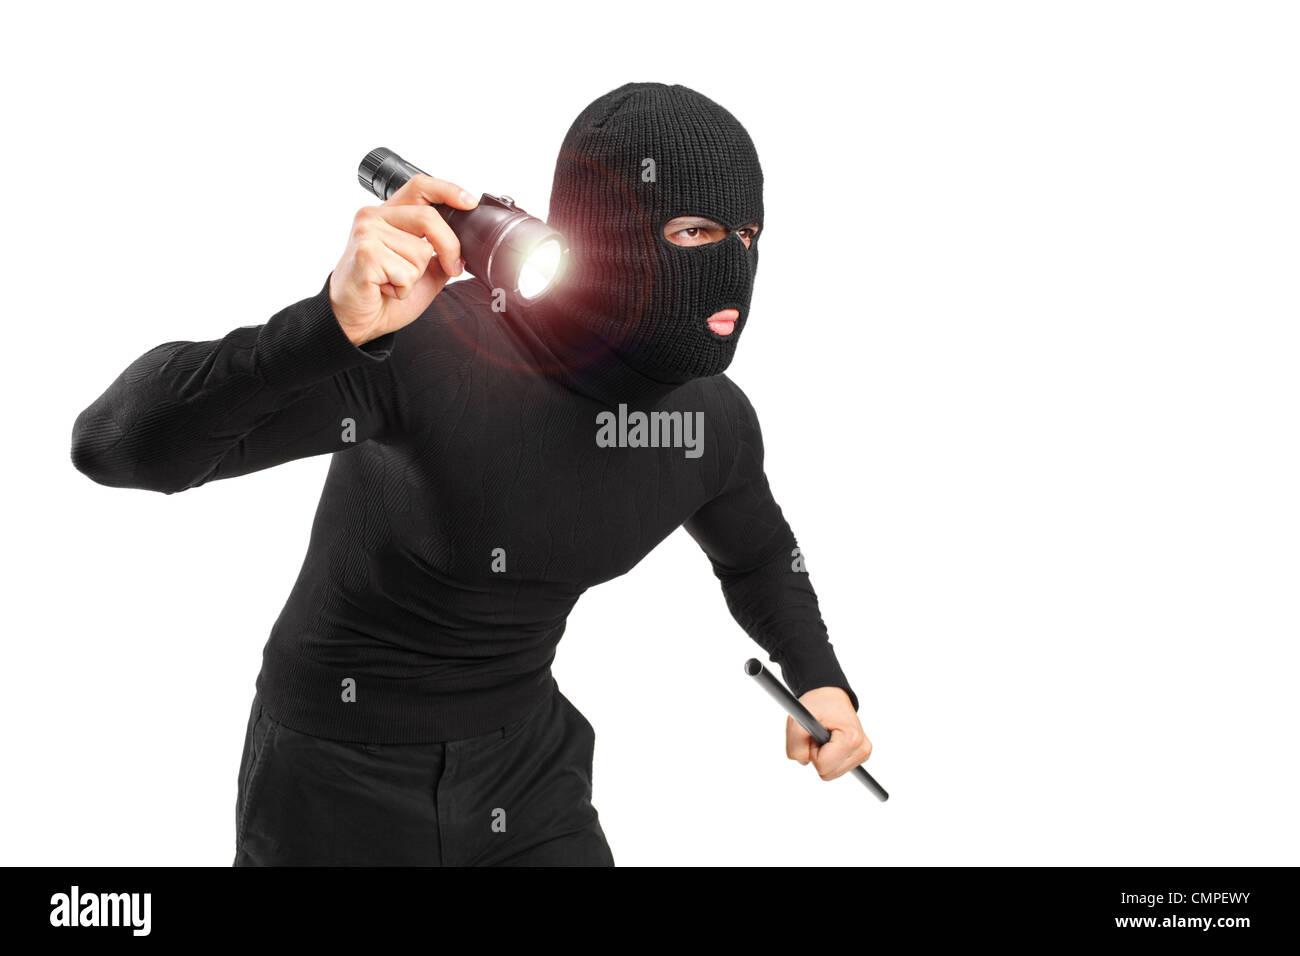 Ein Räuber mit Raub Maske hält eine Taschenlampe und ein Stück Rohr isoliert auf weißem Hintergrund Stockbild